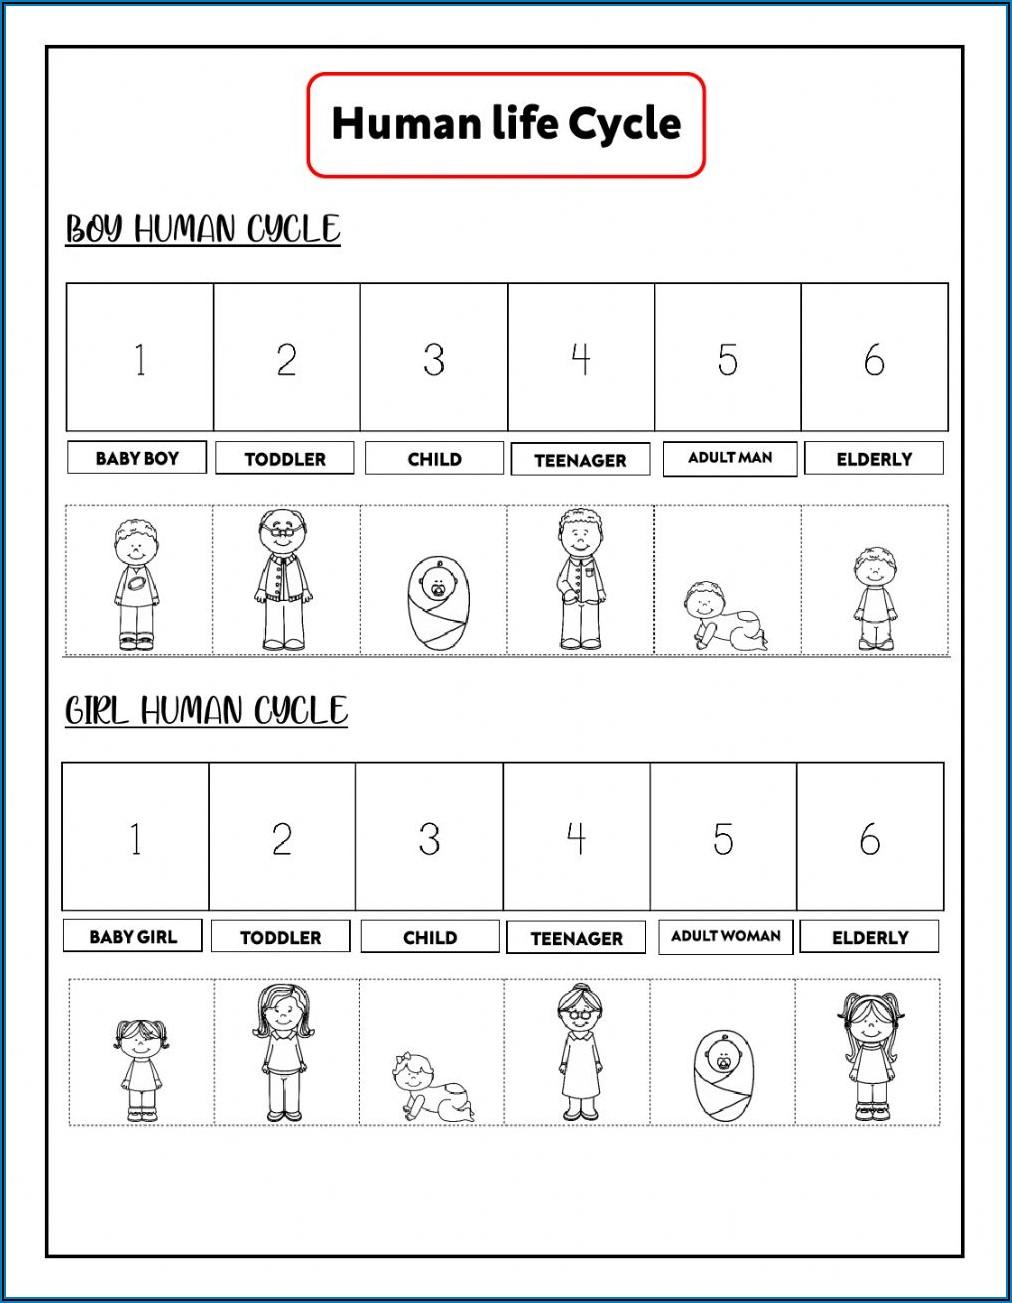 Human Life Cycle Worksheets Pdf